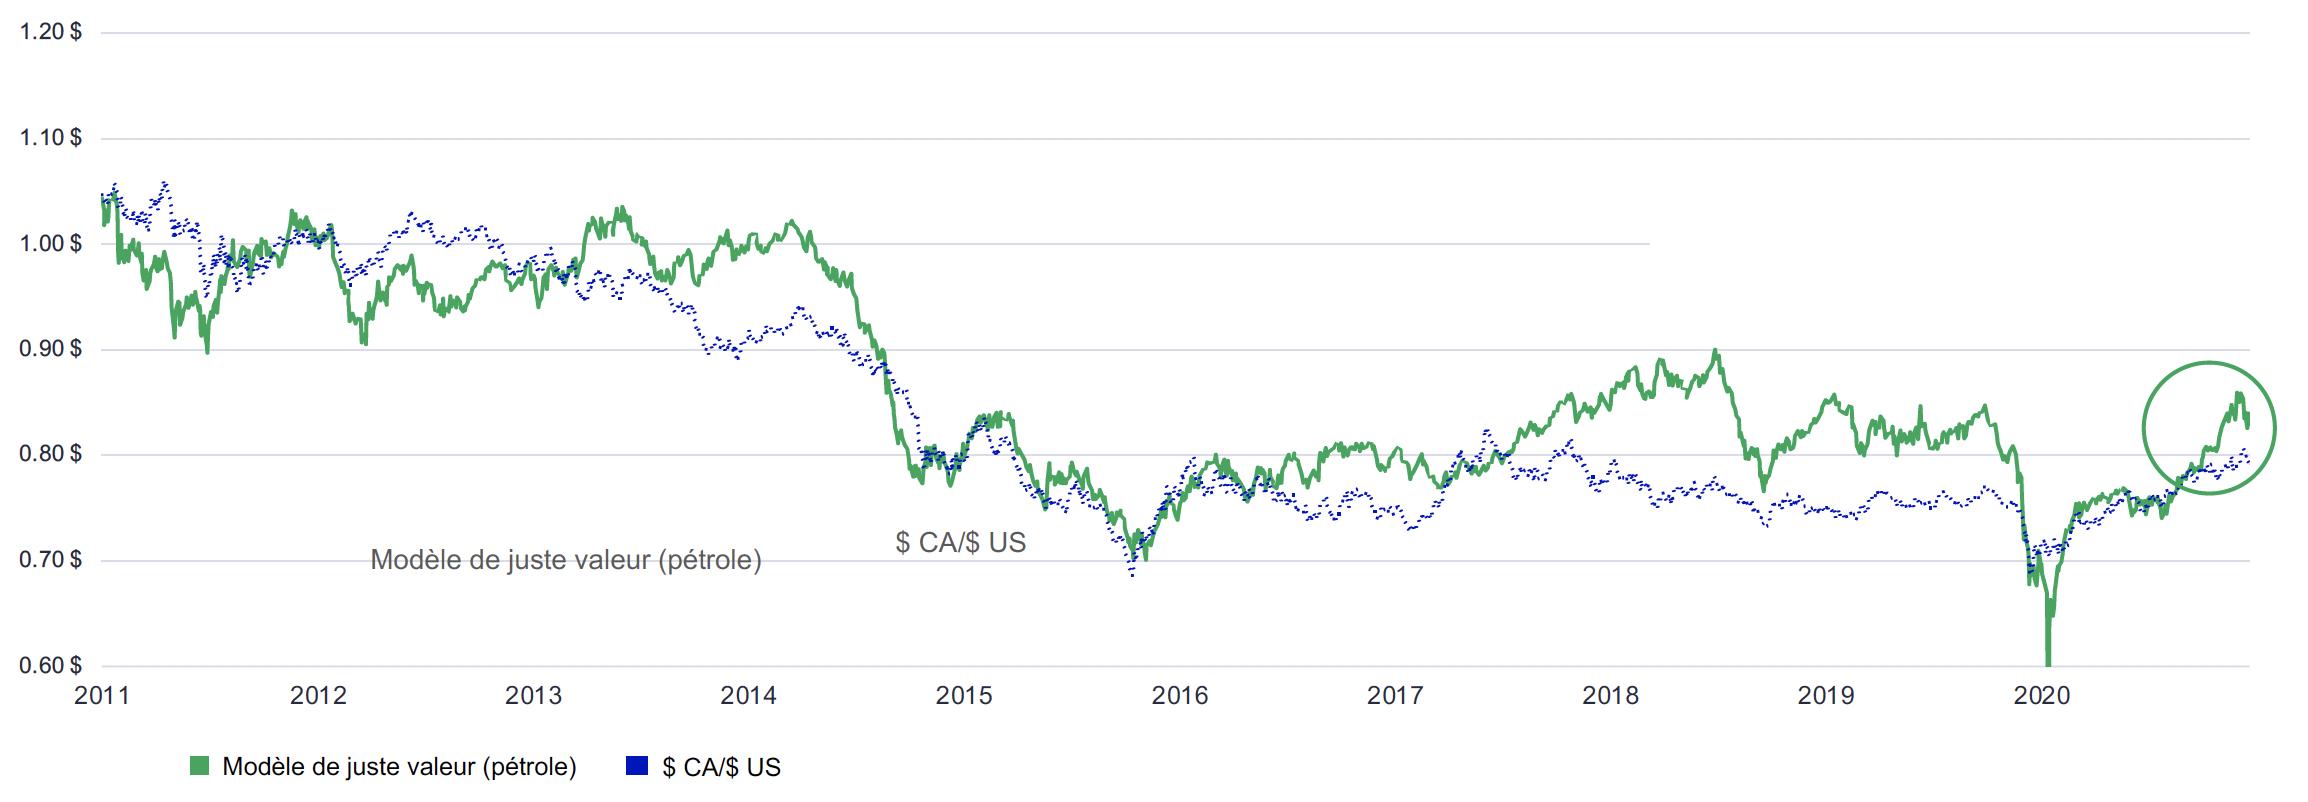 Ce graphique illustre la relation entre le taux de change $ CA/$ US et un modèle de juste valeur fondé sur les prix historiques du pétrole. Il présente la juste valeur du taux de change $ CA/$ US selon les prix du pétrole et la valeur réelle de ce taux, de 2014 au 31 mars 2021. Le taux de change $ CA/$ US actuel est de 0,7961 $, et le modèle de juste valeur suggère un taux de change de 0,8317 $ au prix du pétrole de 59,16 $ US au 31 mars.